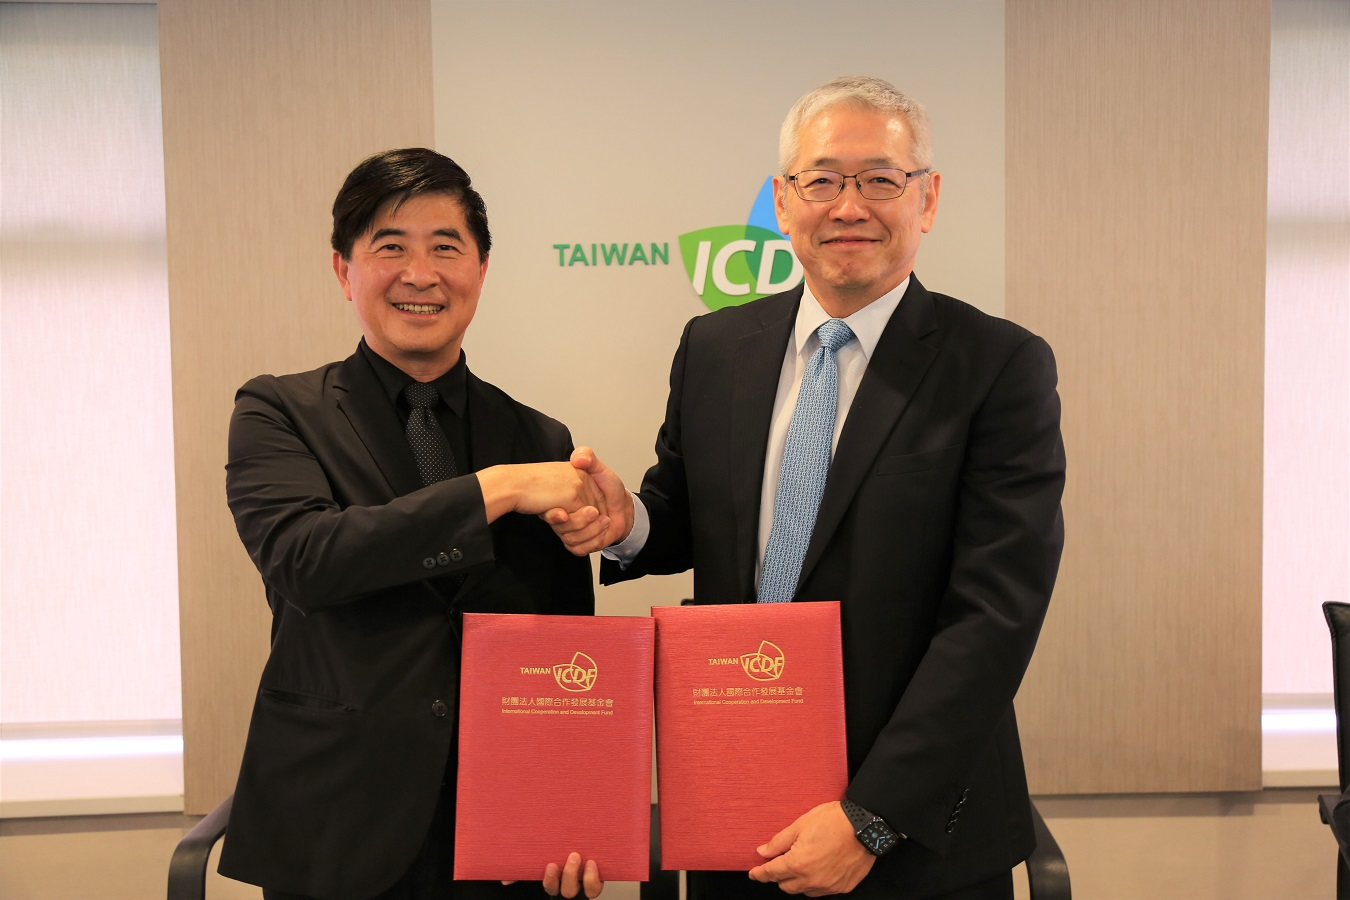 台灣設計研究院與國際合作發展基金會簽署合作備忘錄